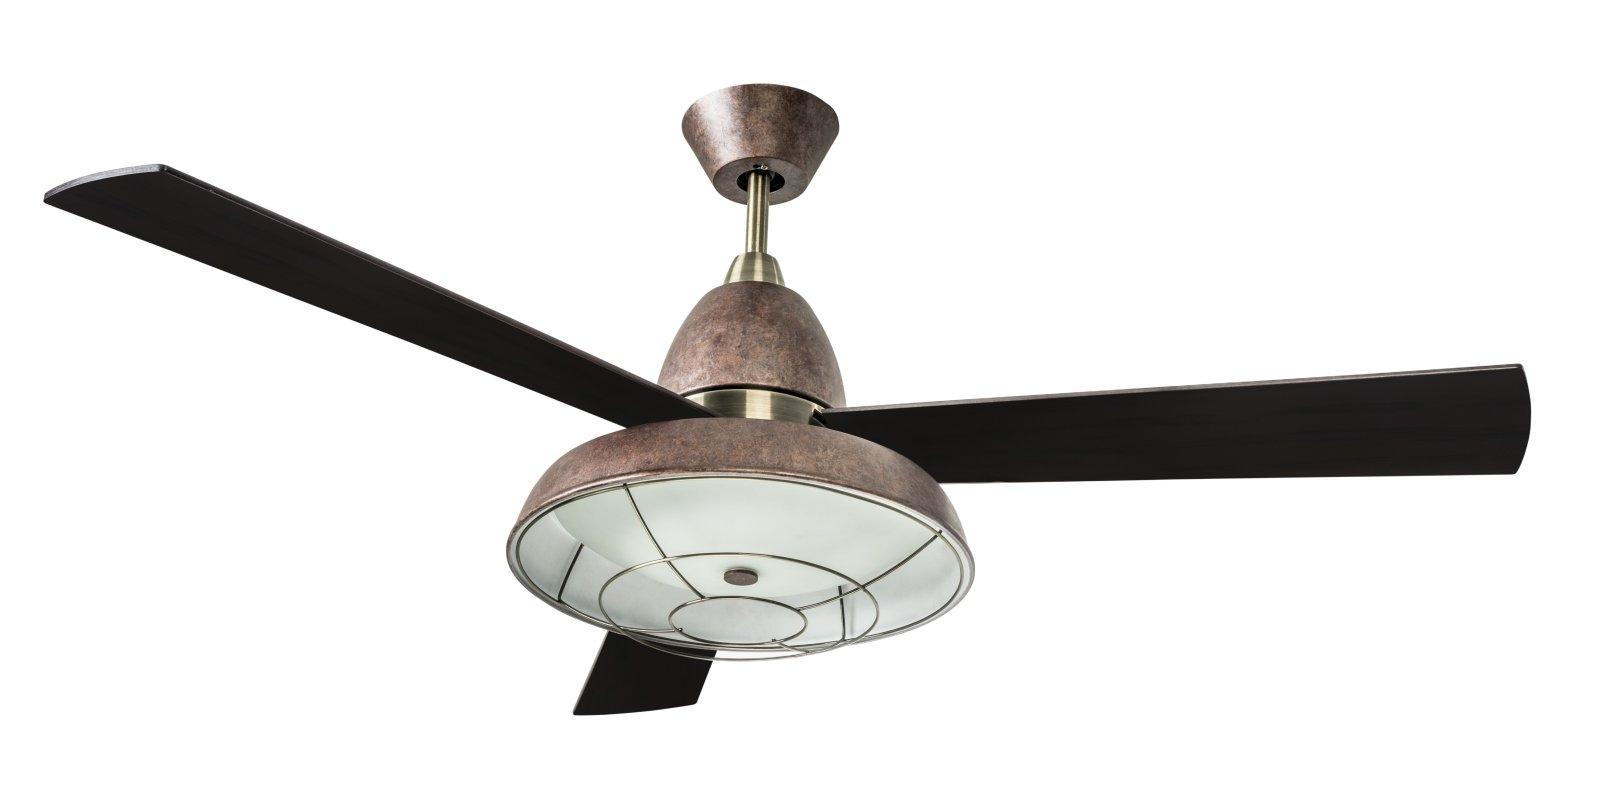 retro ceiling fans photo - 9